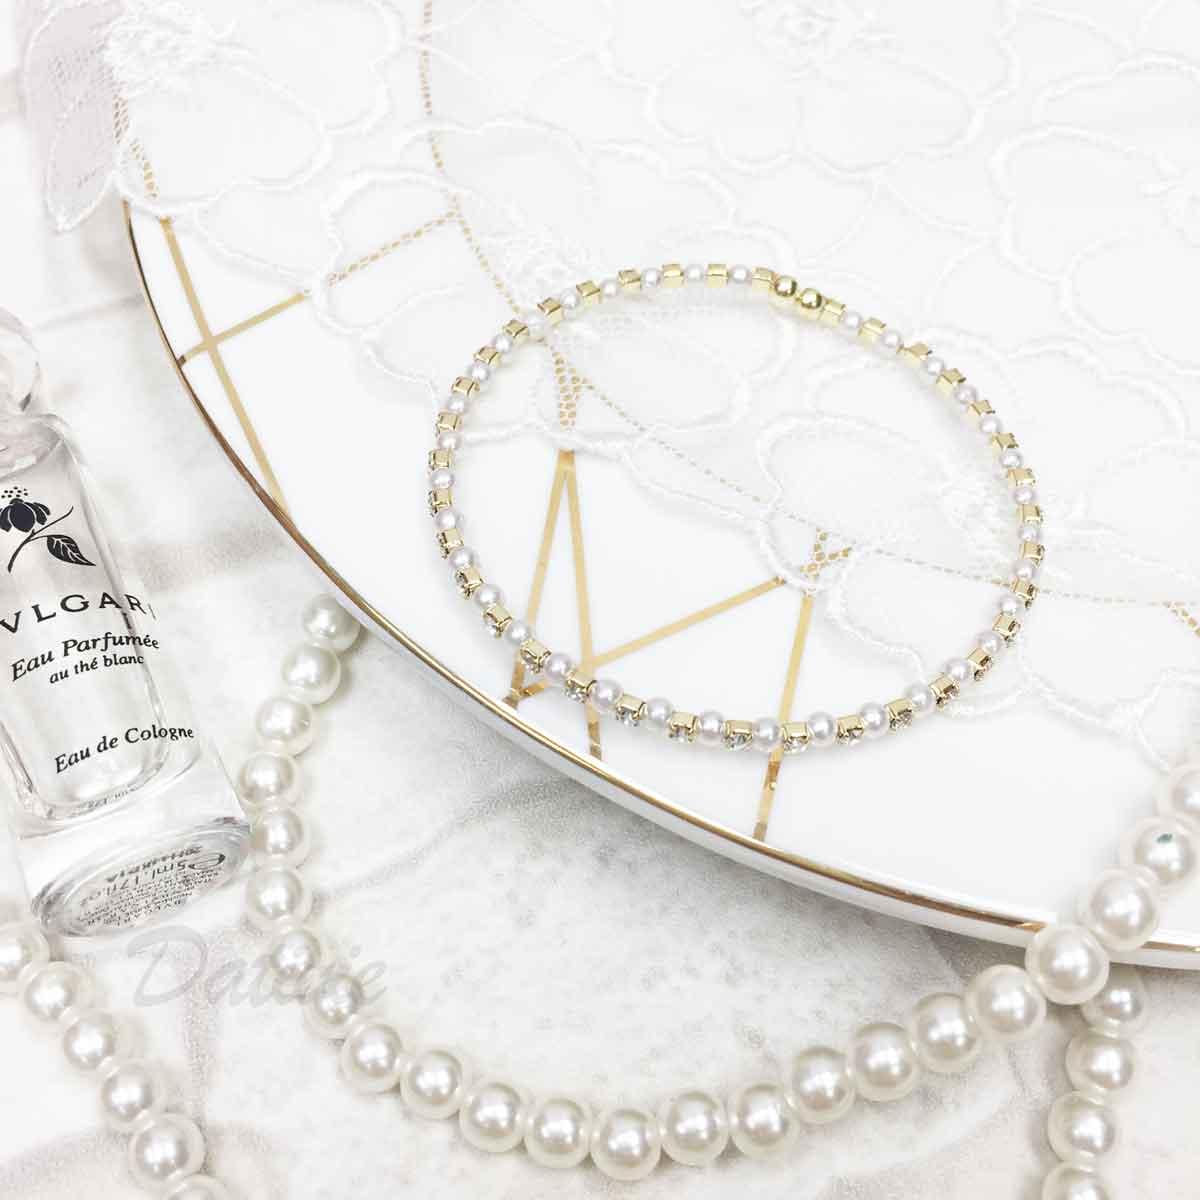 珍珠 水鑽 單圈 金 質感 手飾 手環